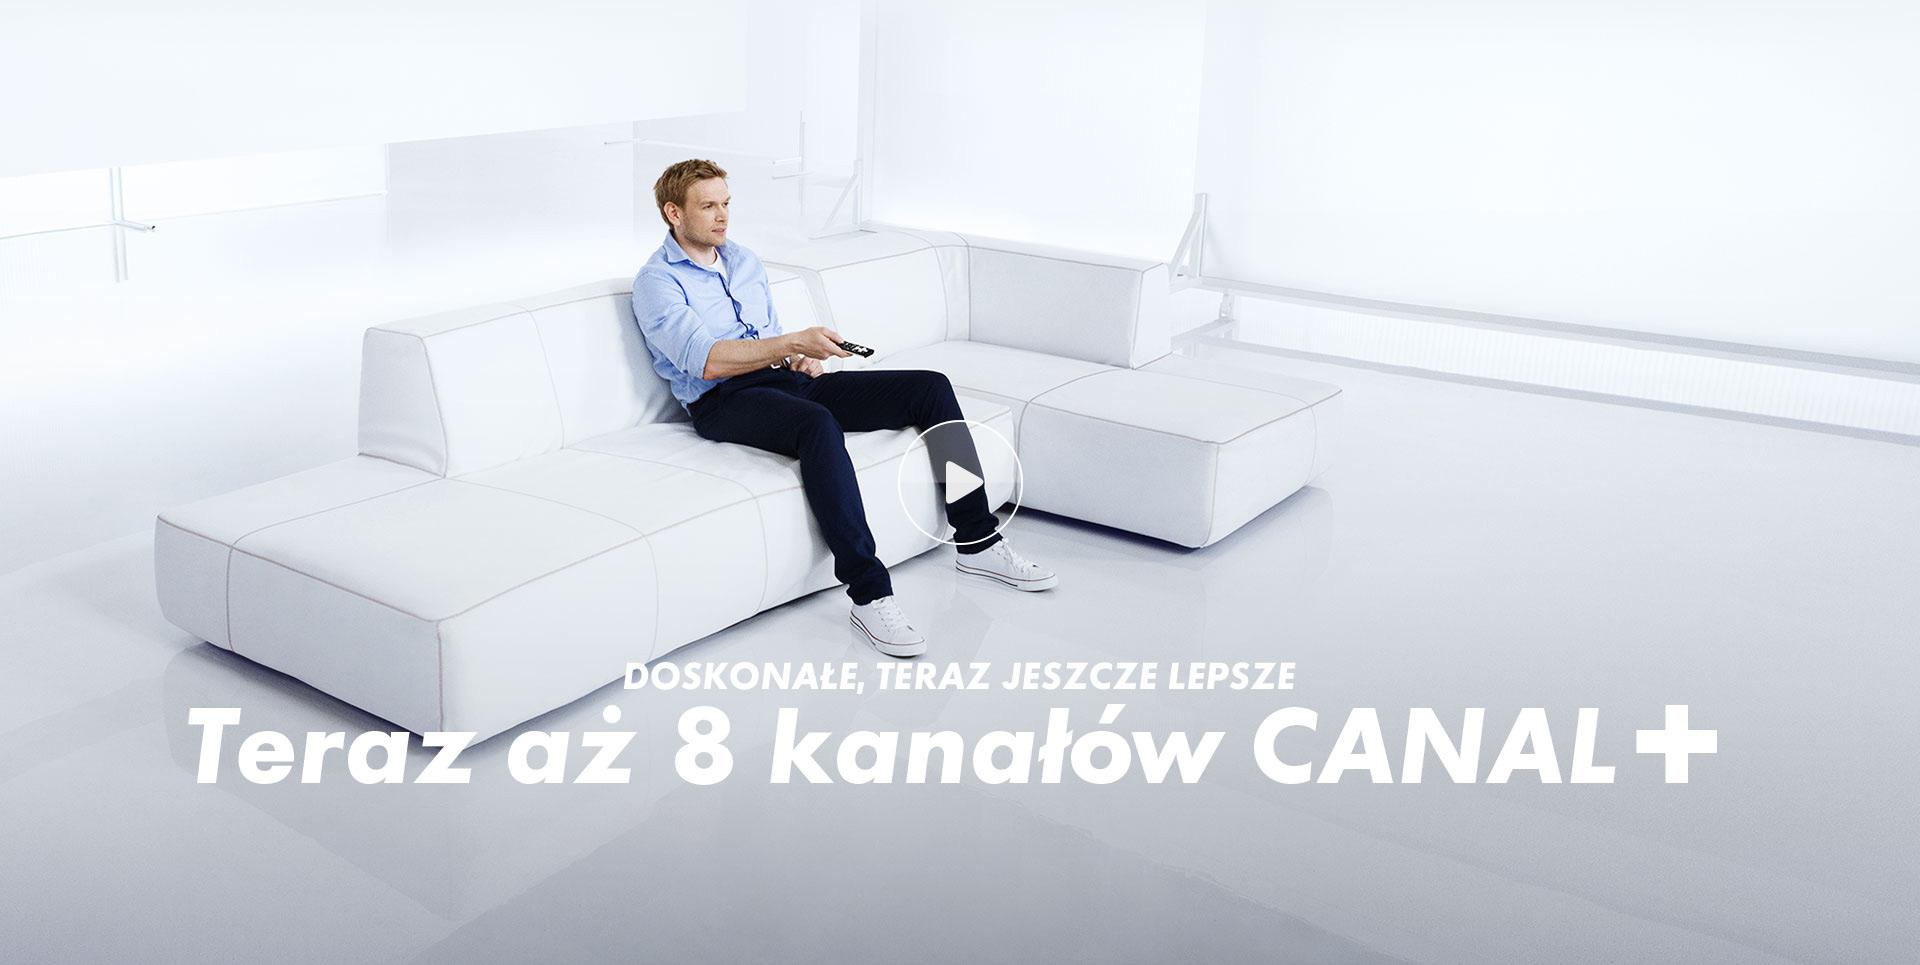 Canal+ Teraz 8 kanałów